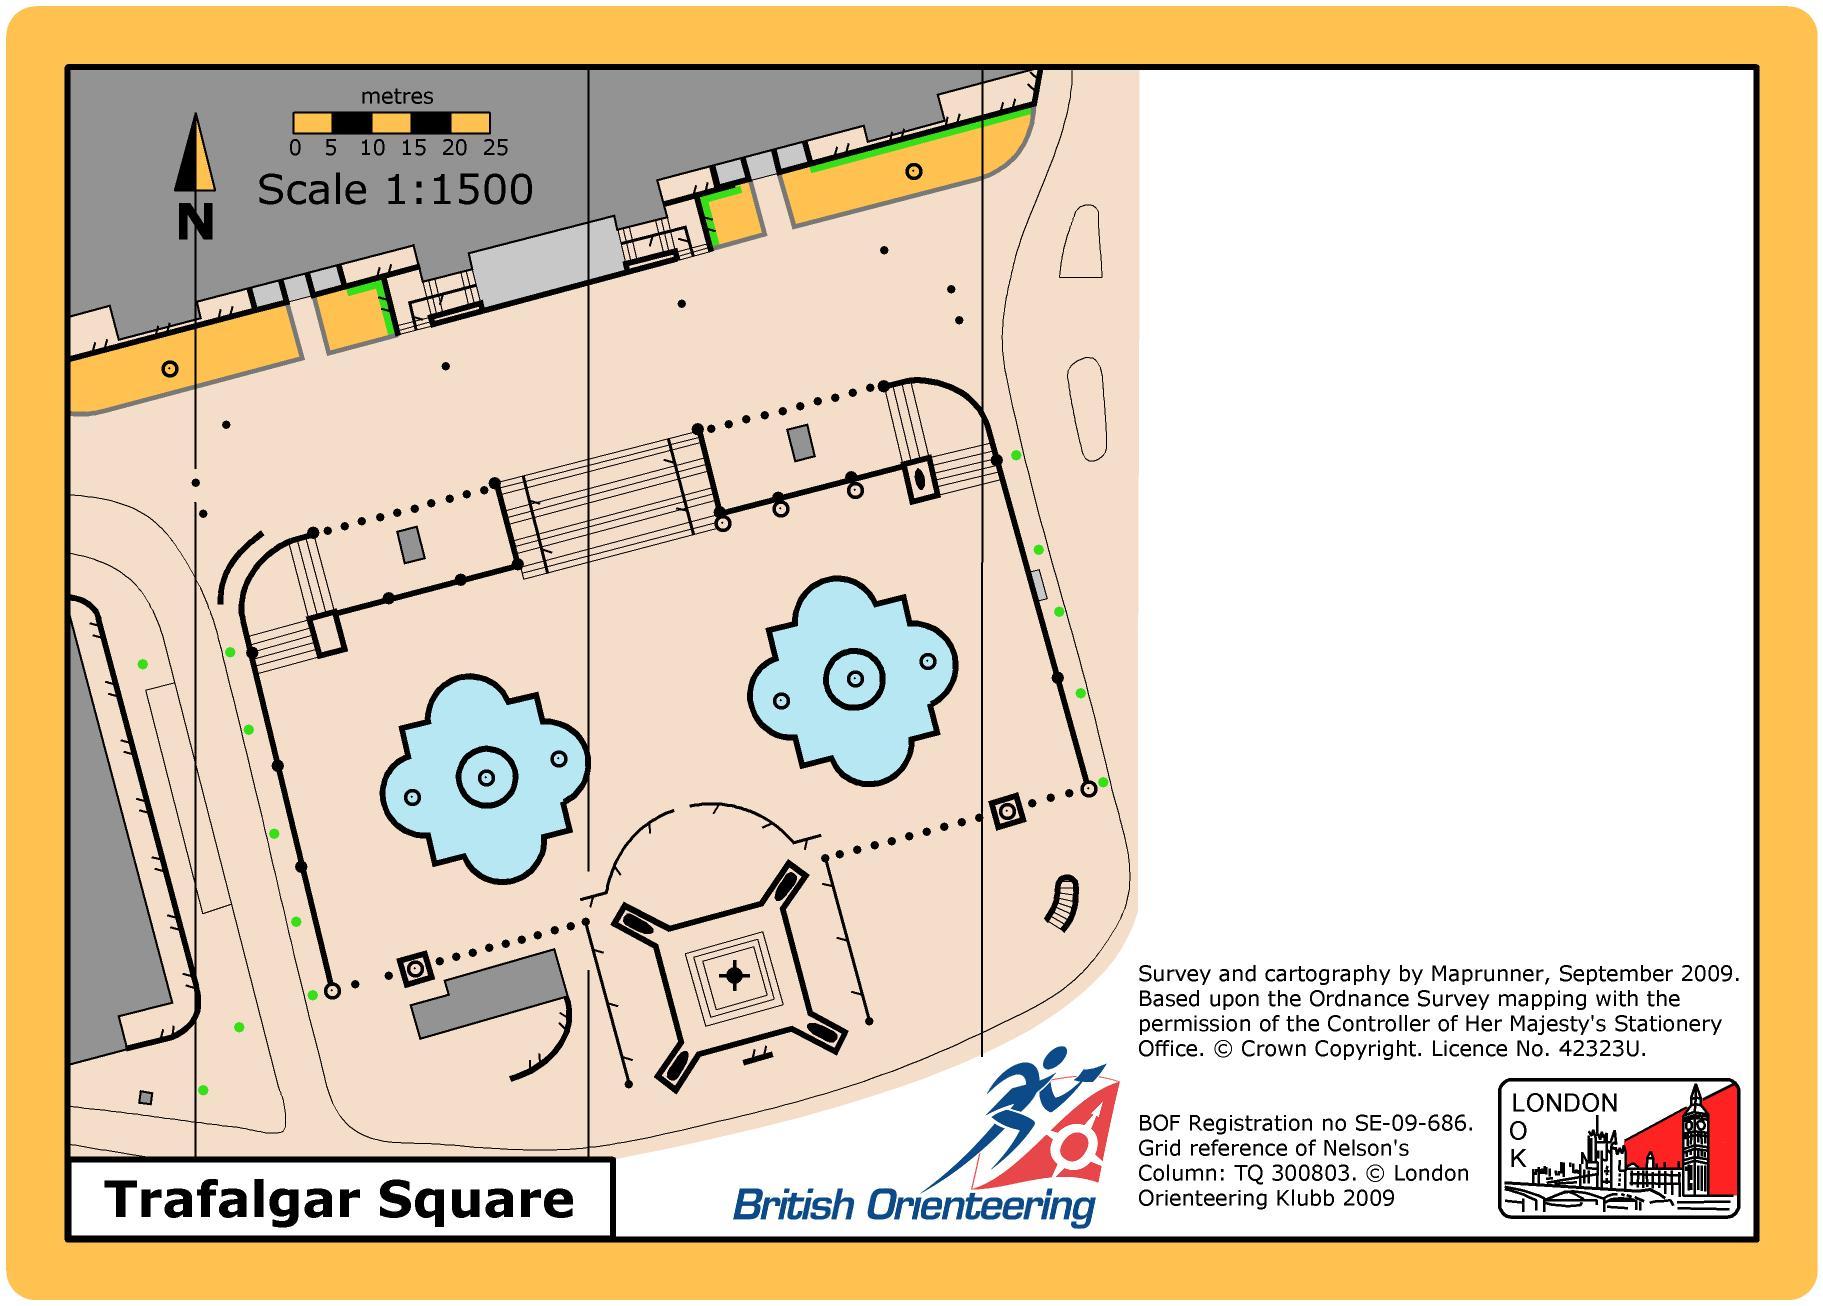 Trafalgar Square orienteering map